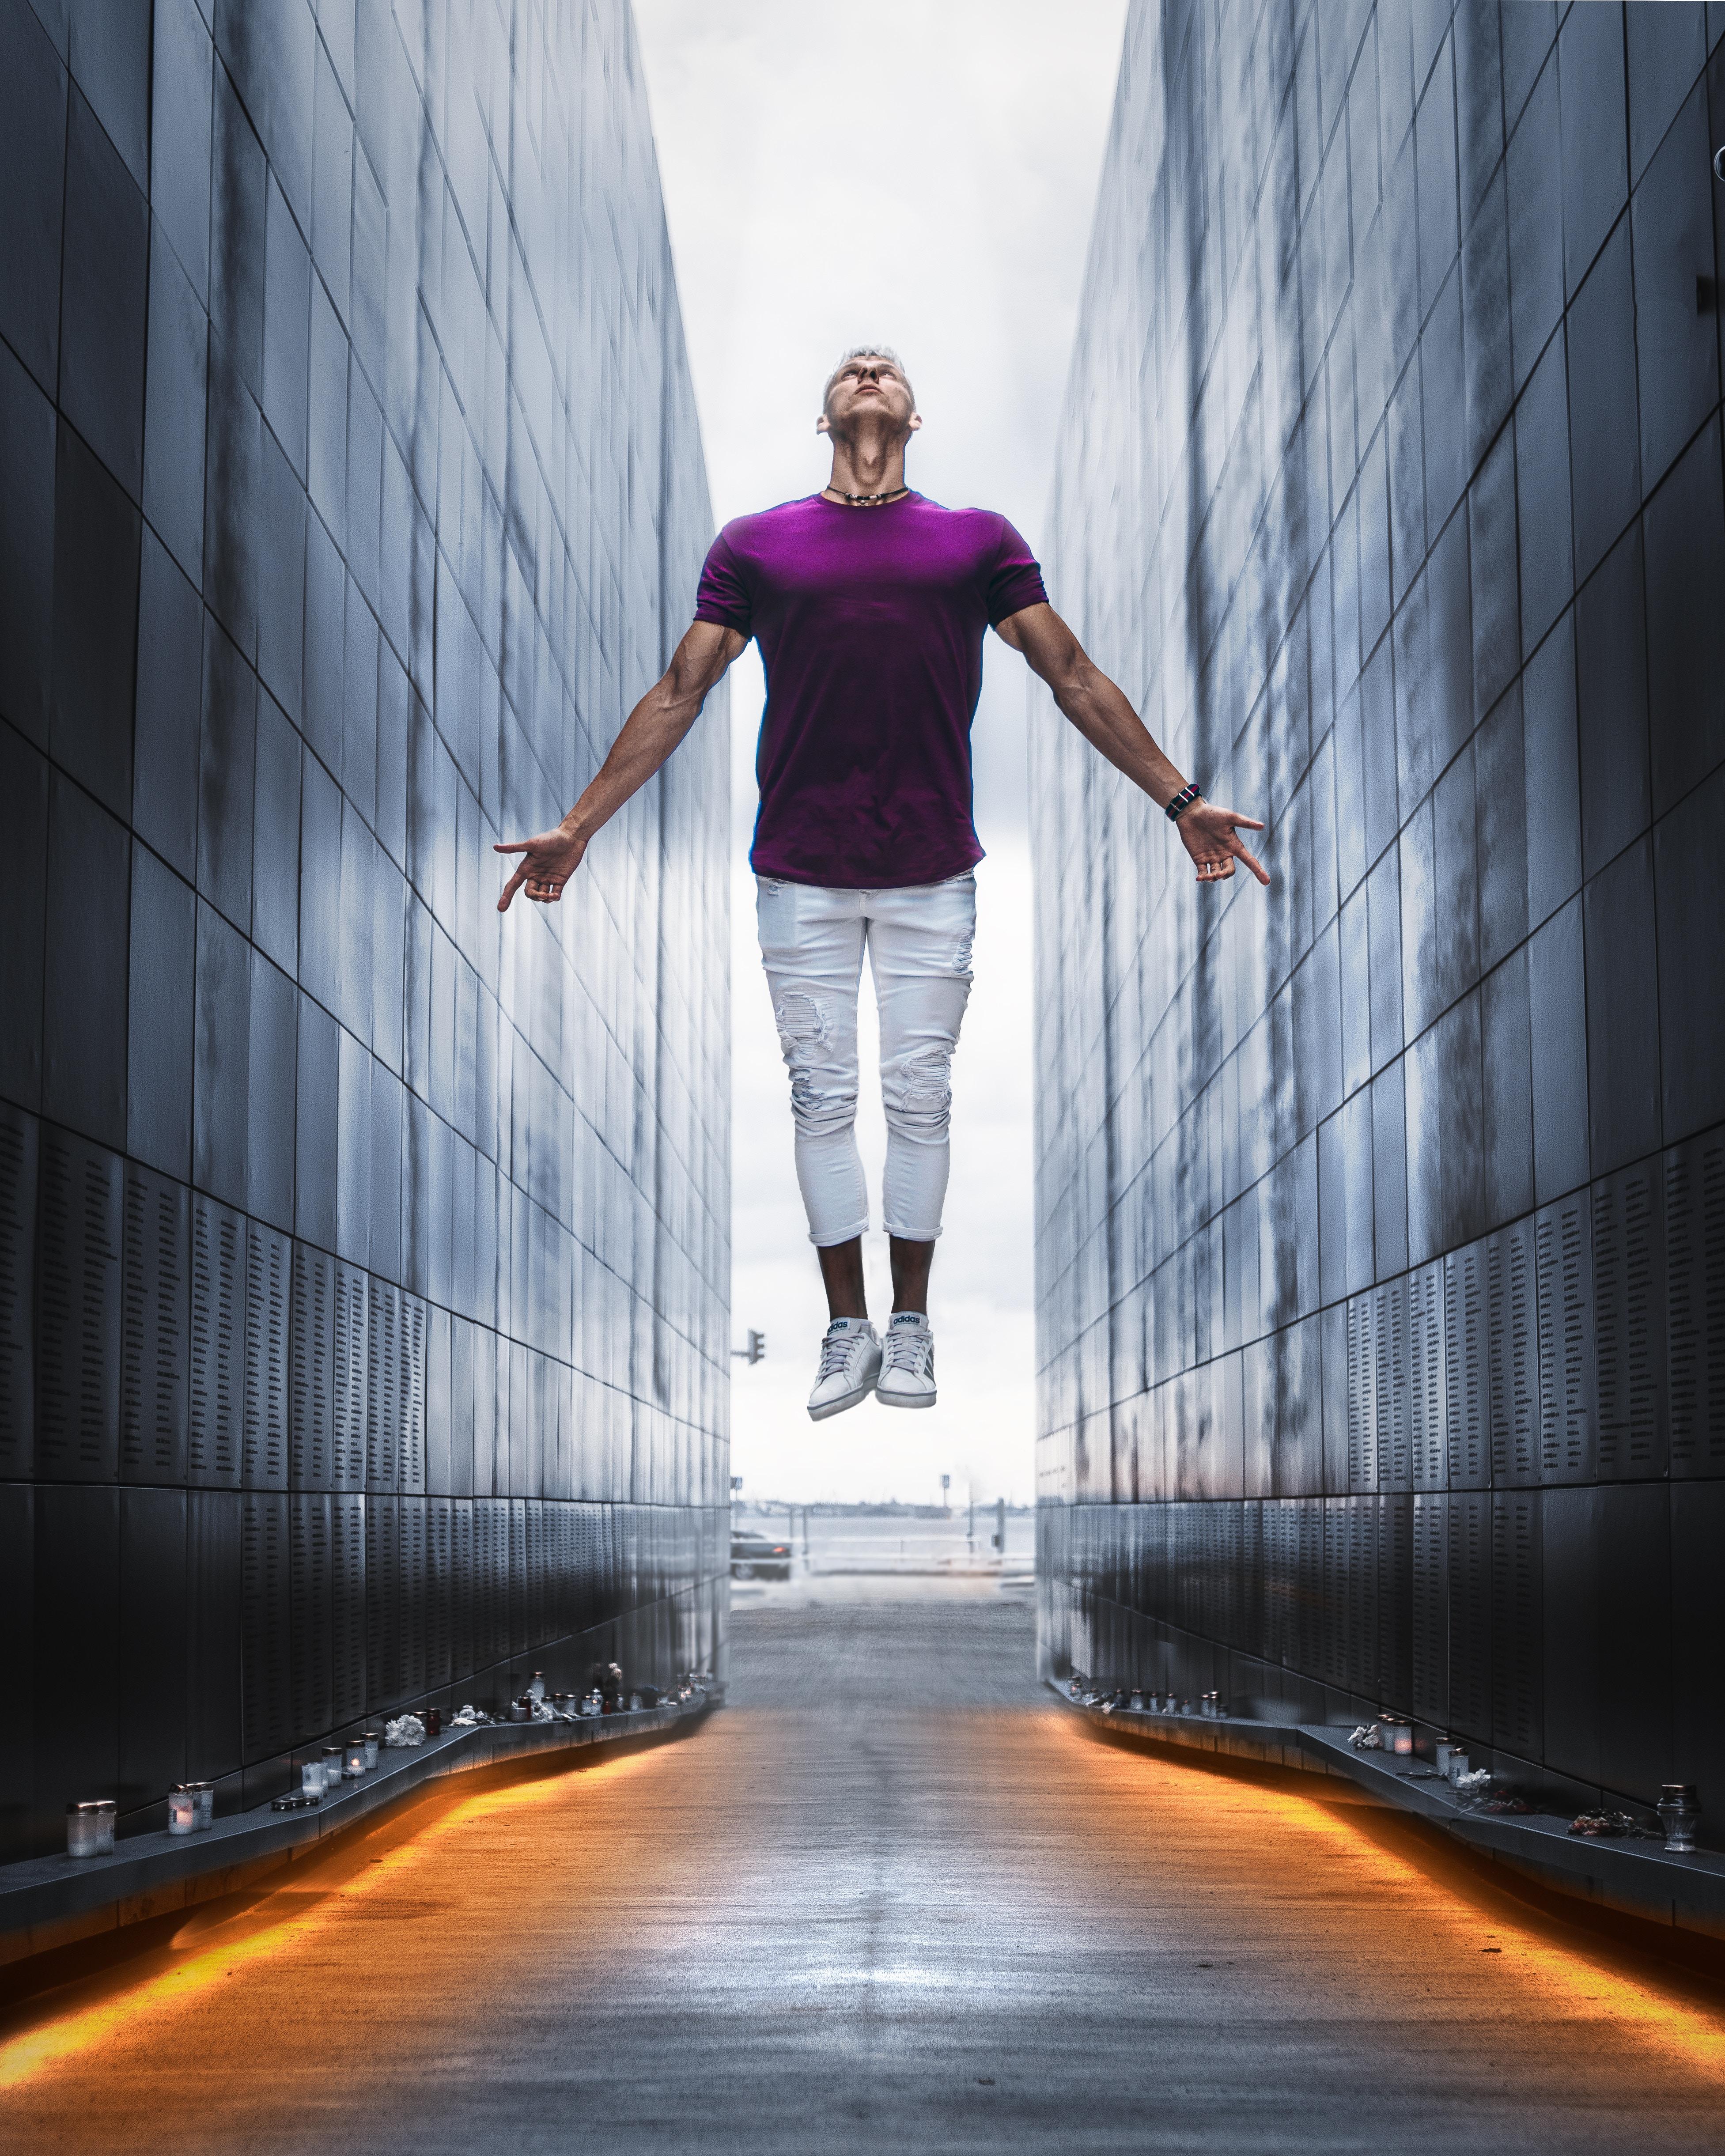 saut à genoux et extension de hanche